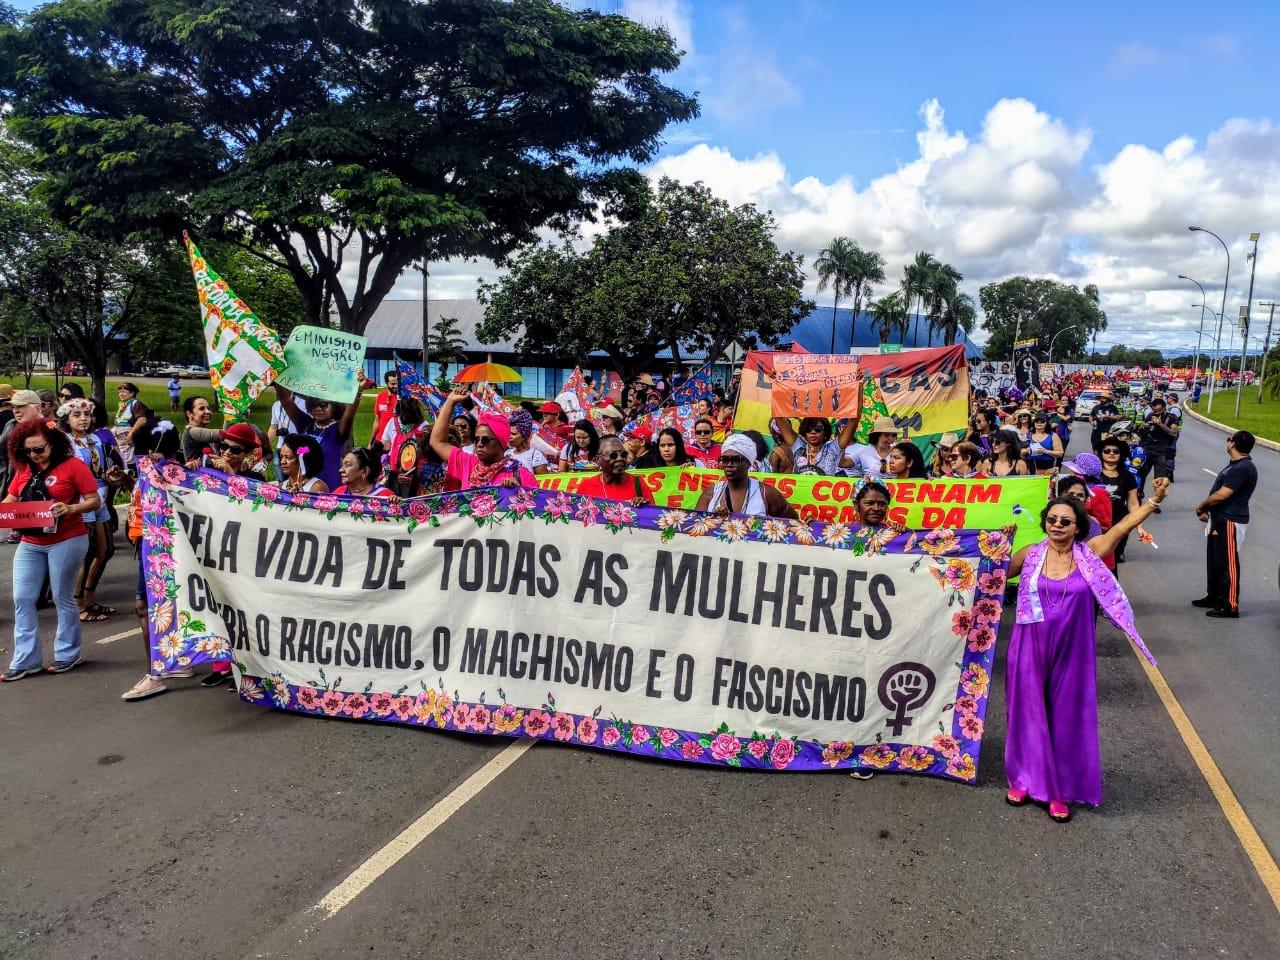 Mulheres abrem jornada de lutas em defesa da democracia e dos direitos